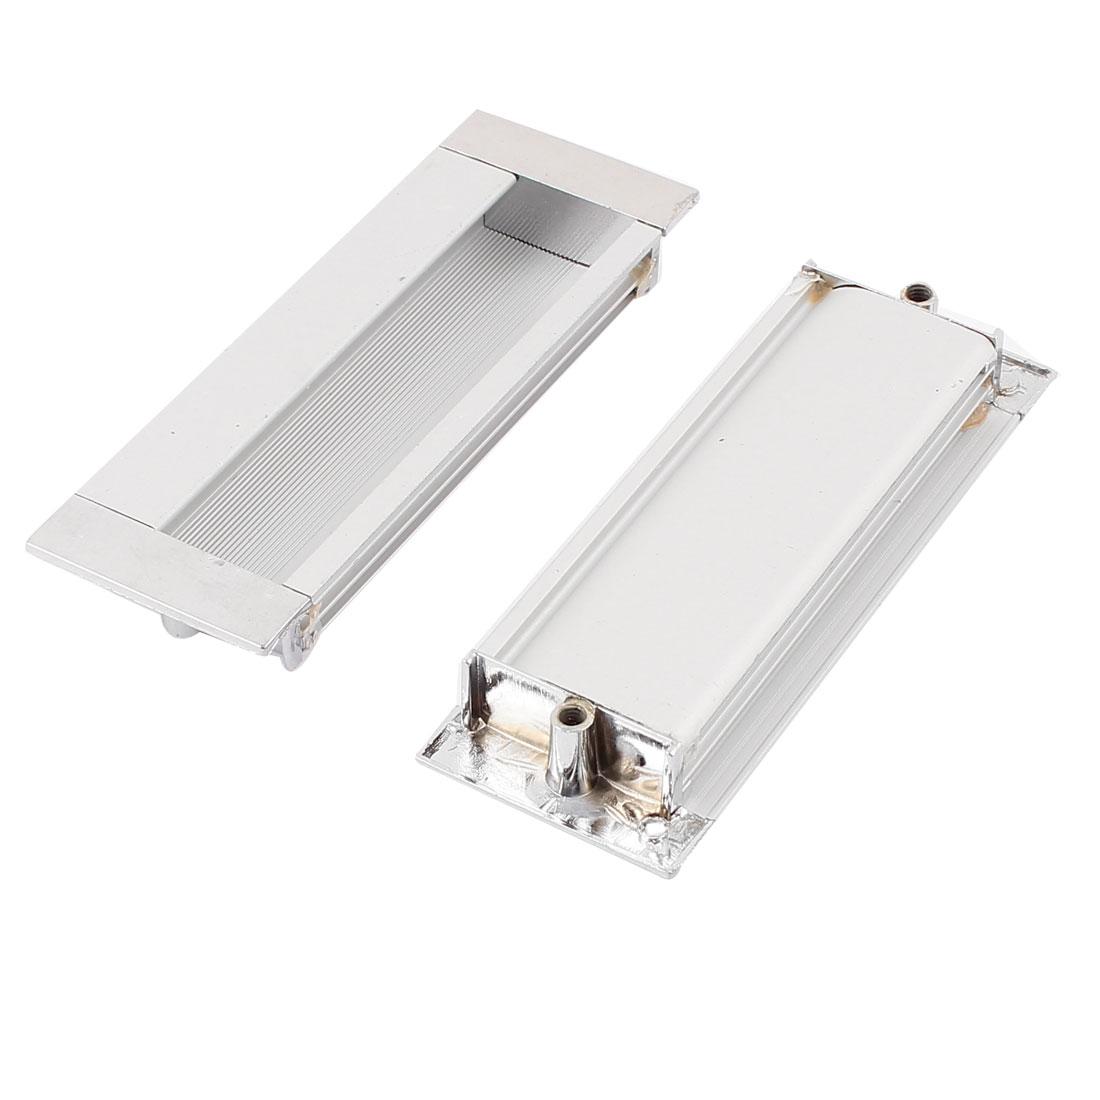 11cmx4cm Aluminium Rectangle Cabinet Door Flush Recessed Pull Handle 2PCS